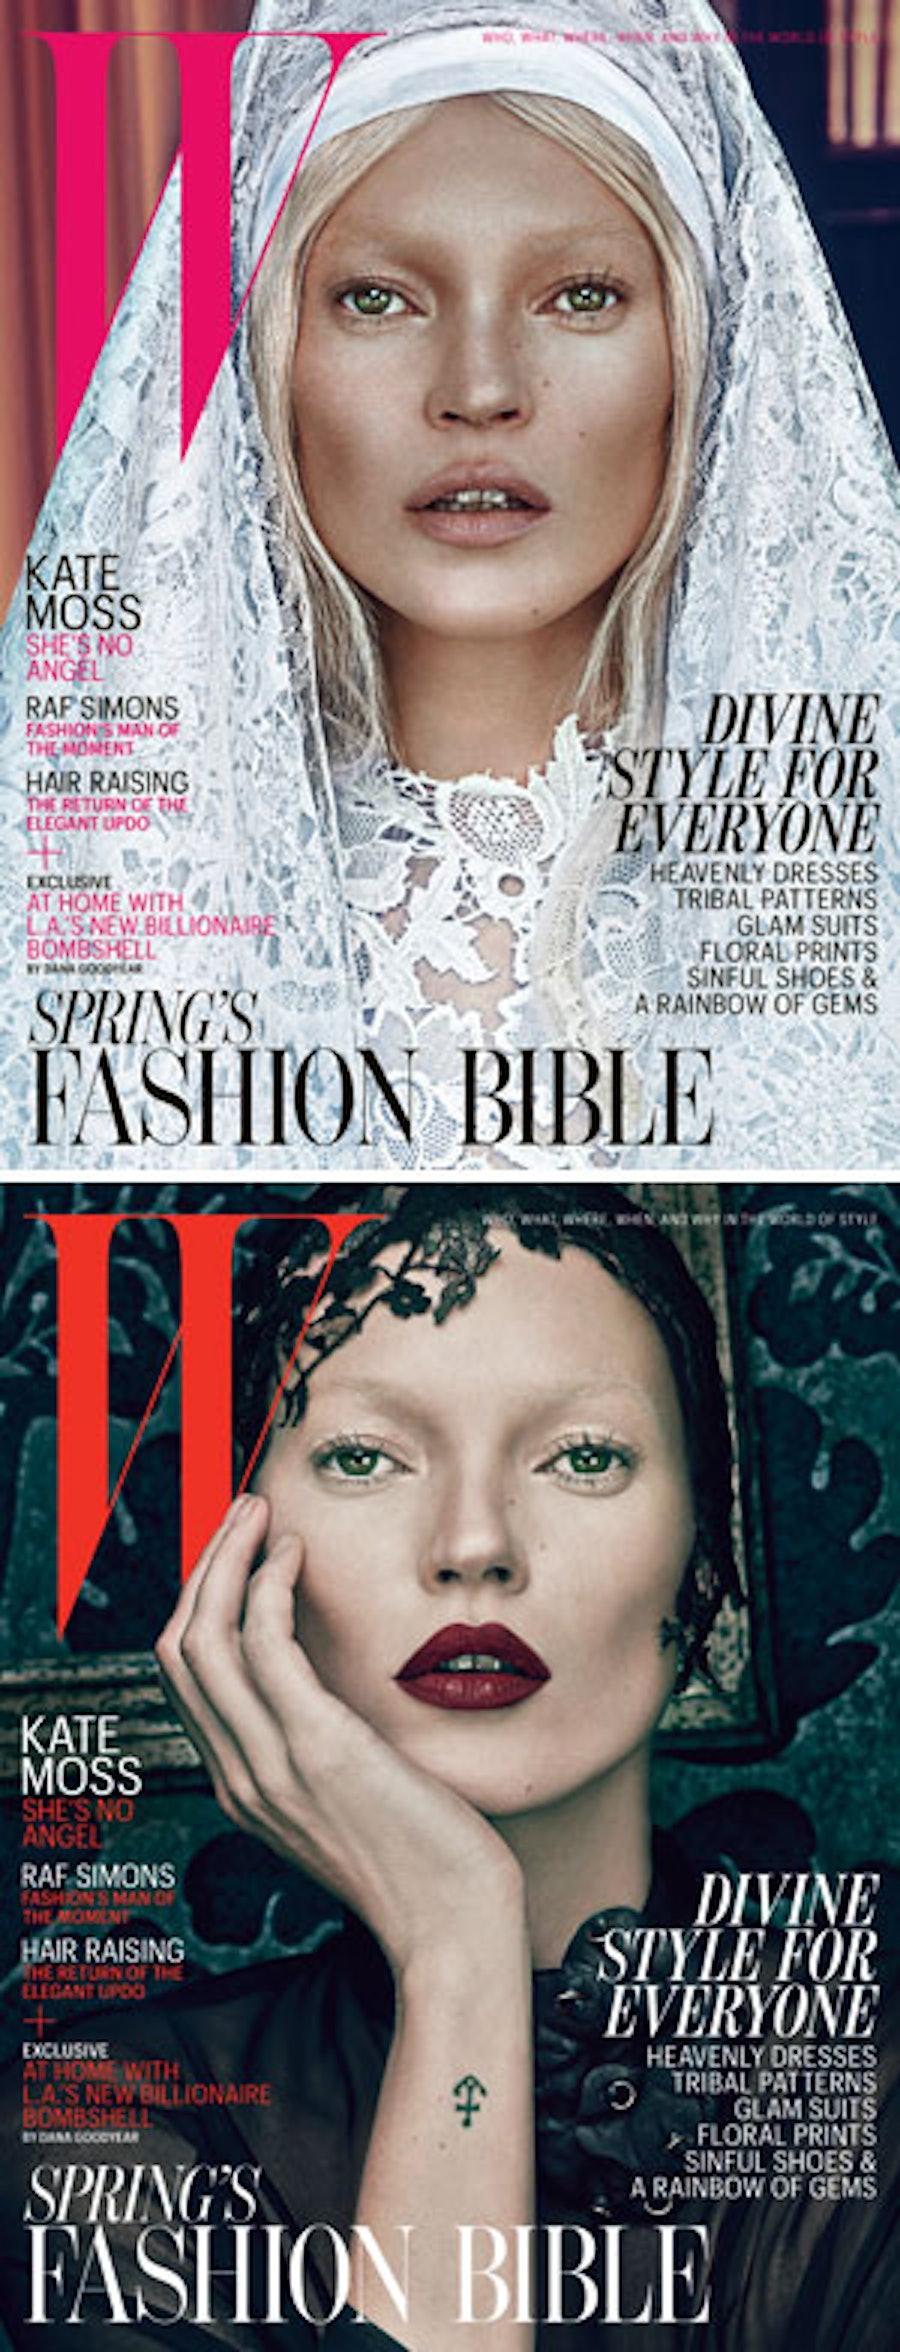 faar-kate-moss-cover-story-march-2012-01-v.jpg